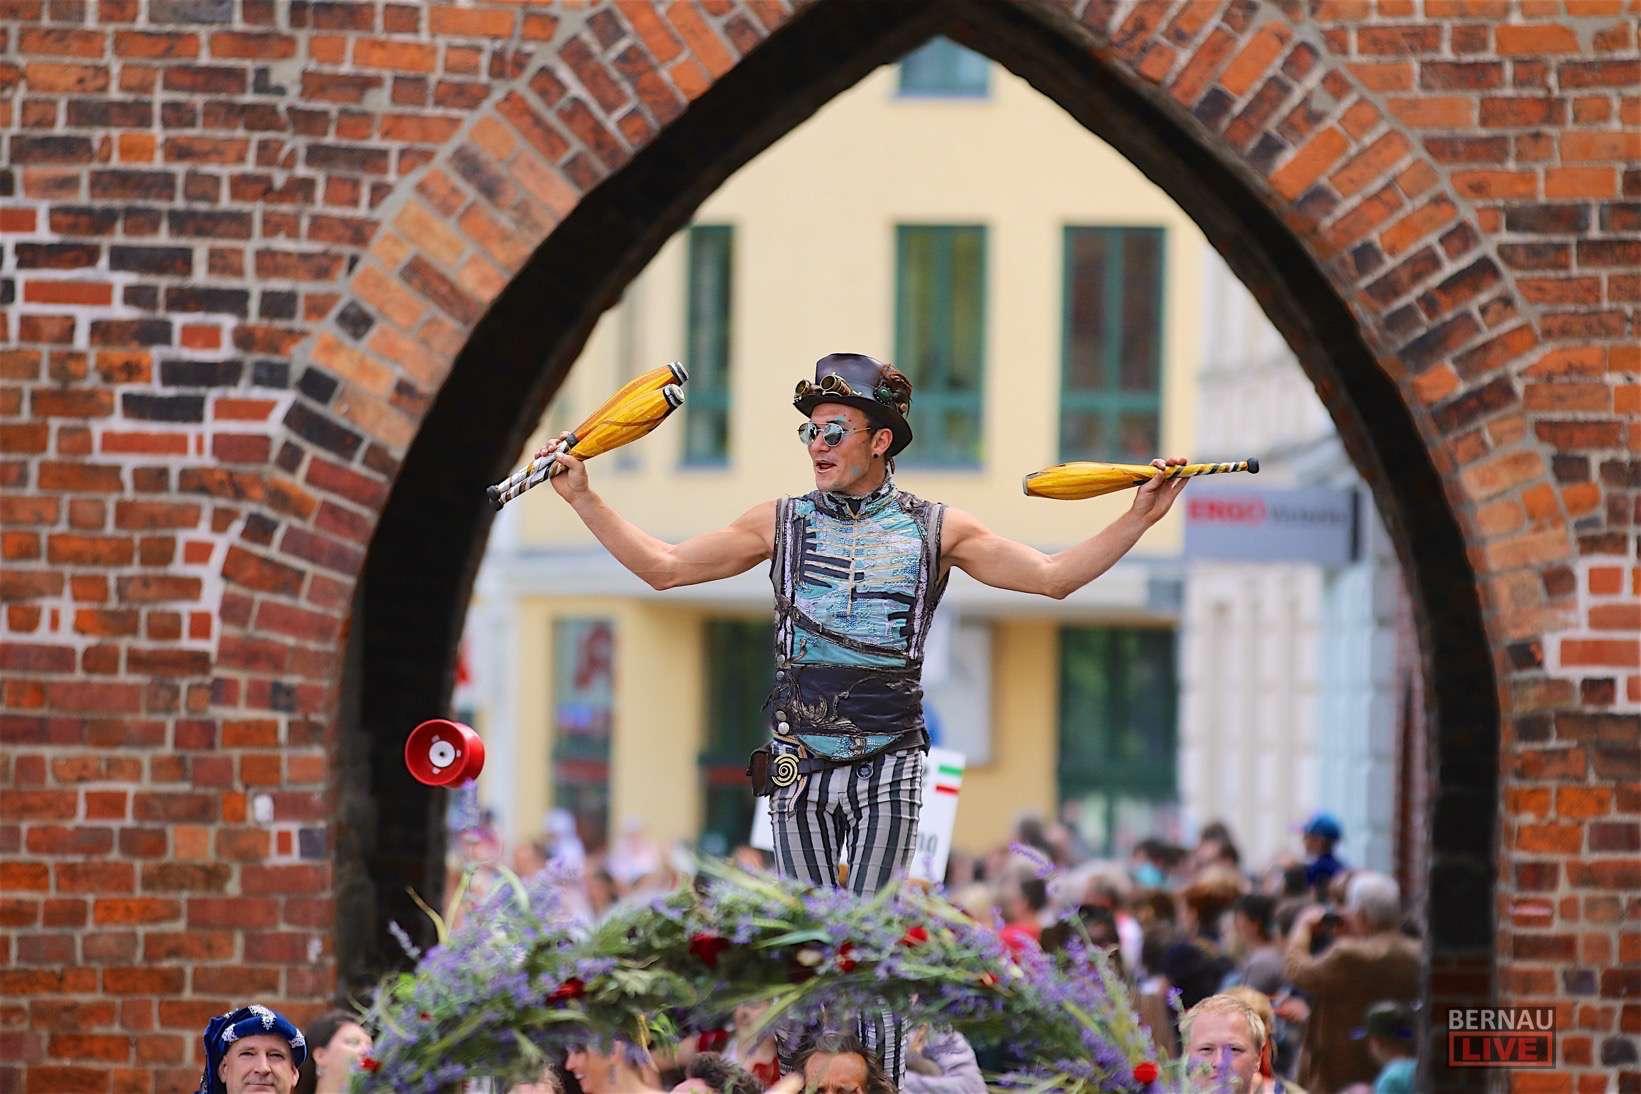 3 Tage Hussitenfest Bernau - Hunderte Bilder und Videos online